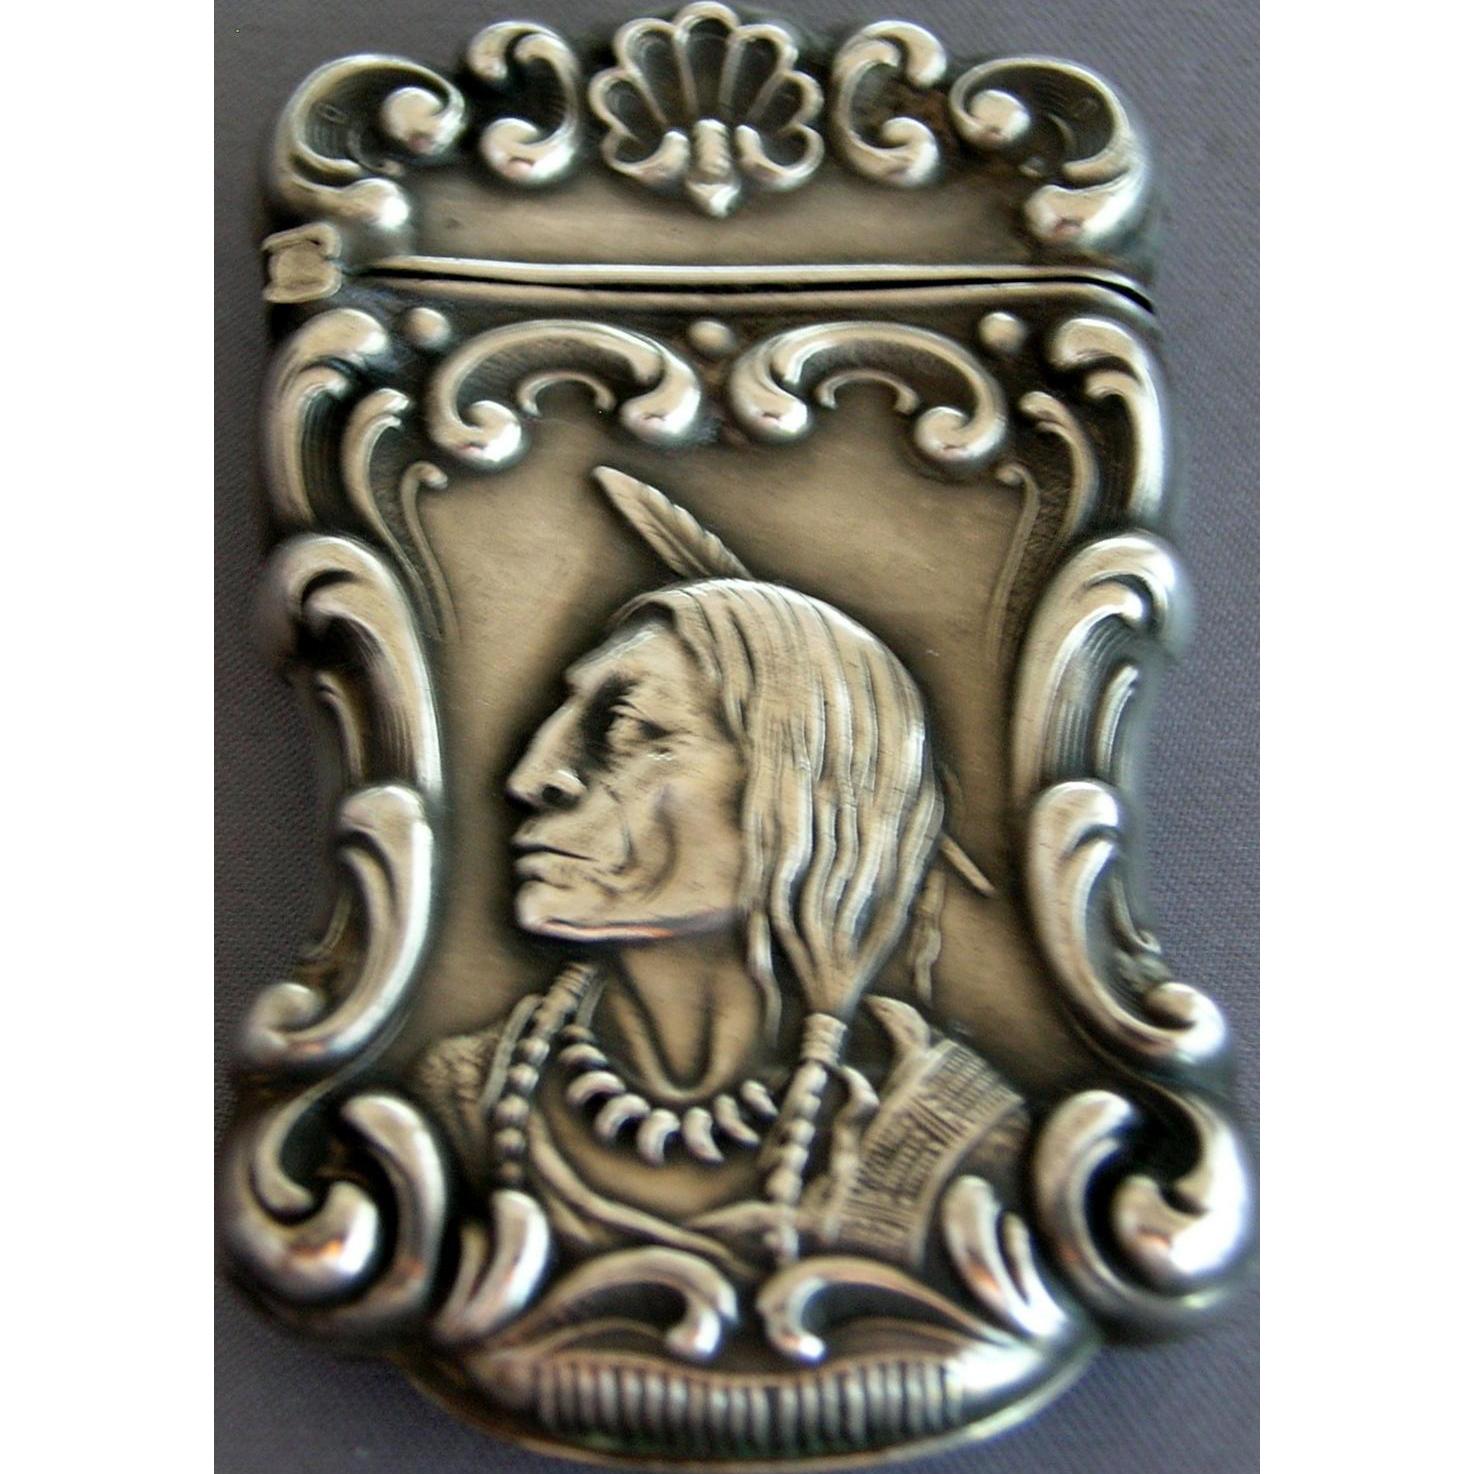 Antique Sterling Silver Indian Match Safe / Vesta